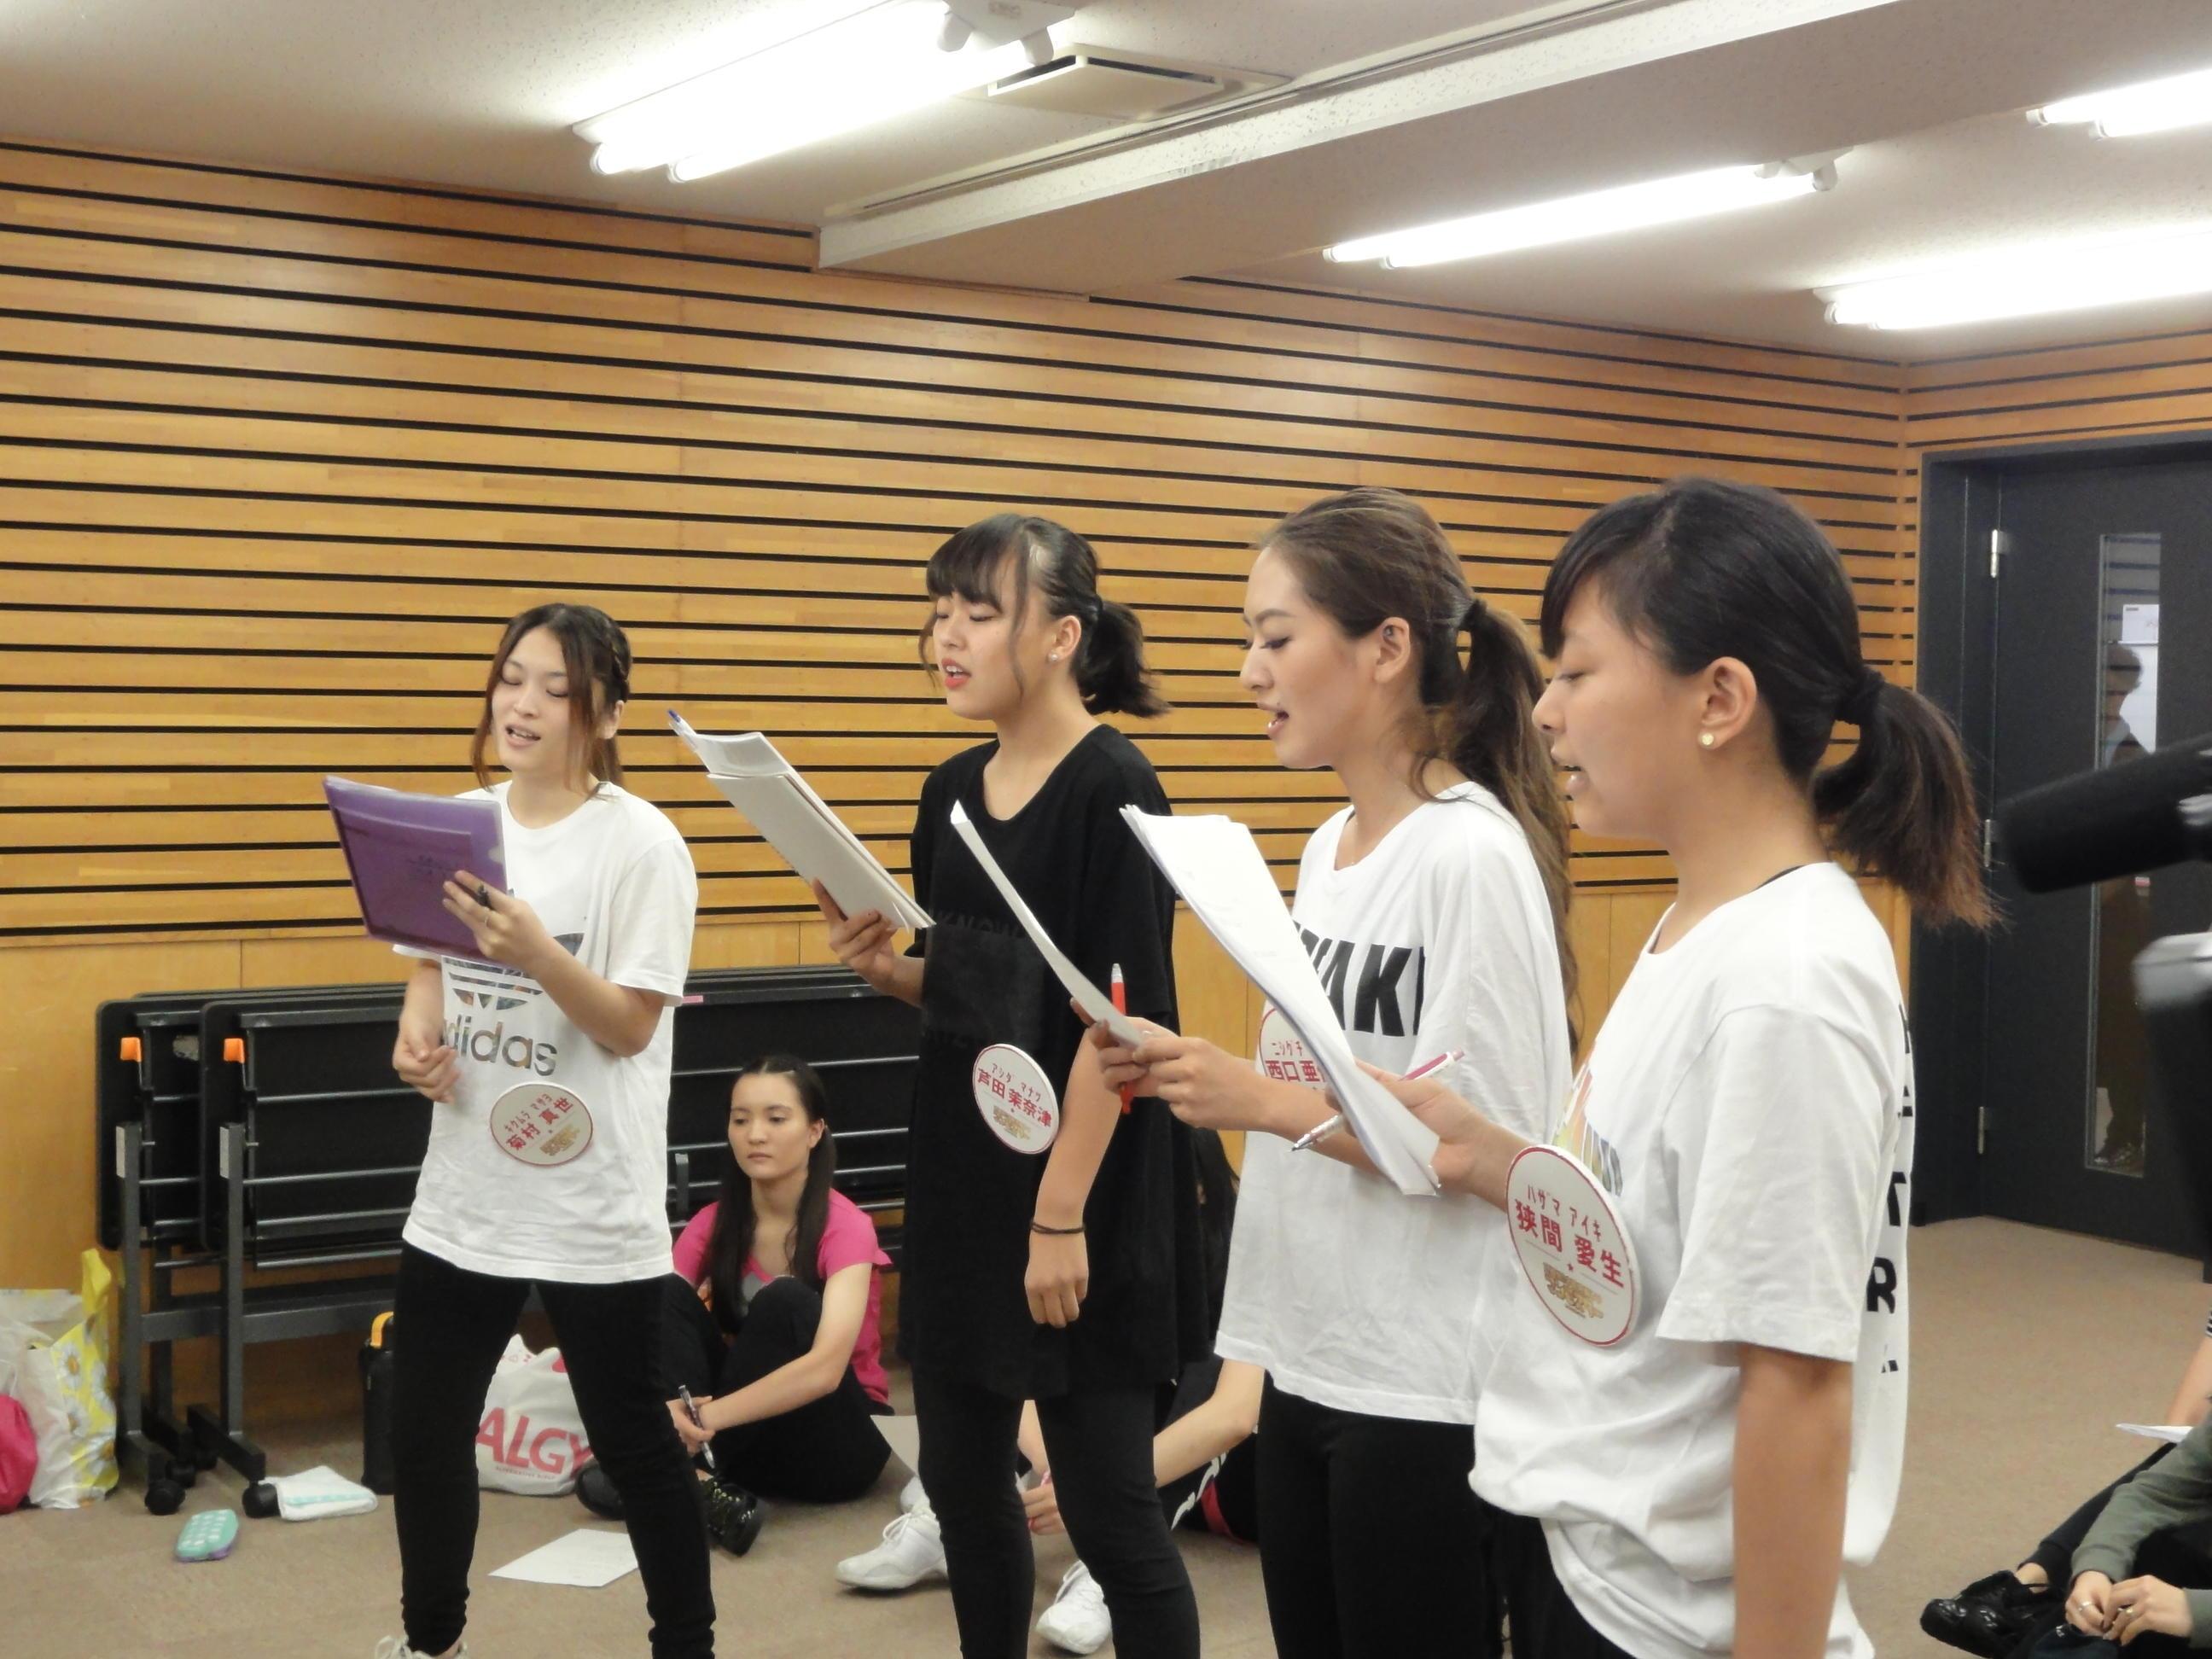 http://news.yoshimoto.co.jp/20170826104340-68d0f015fbee9a8d127bfc75e2a68105f040f784.jpg